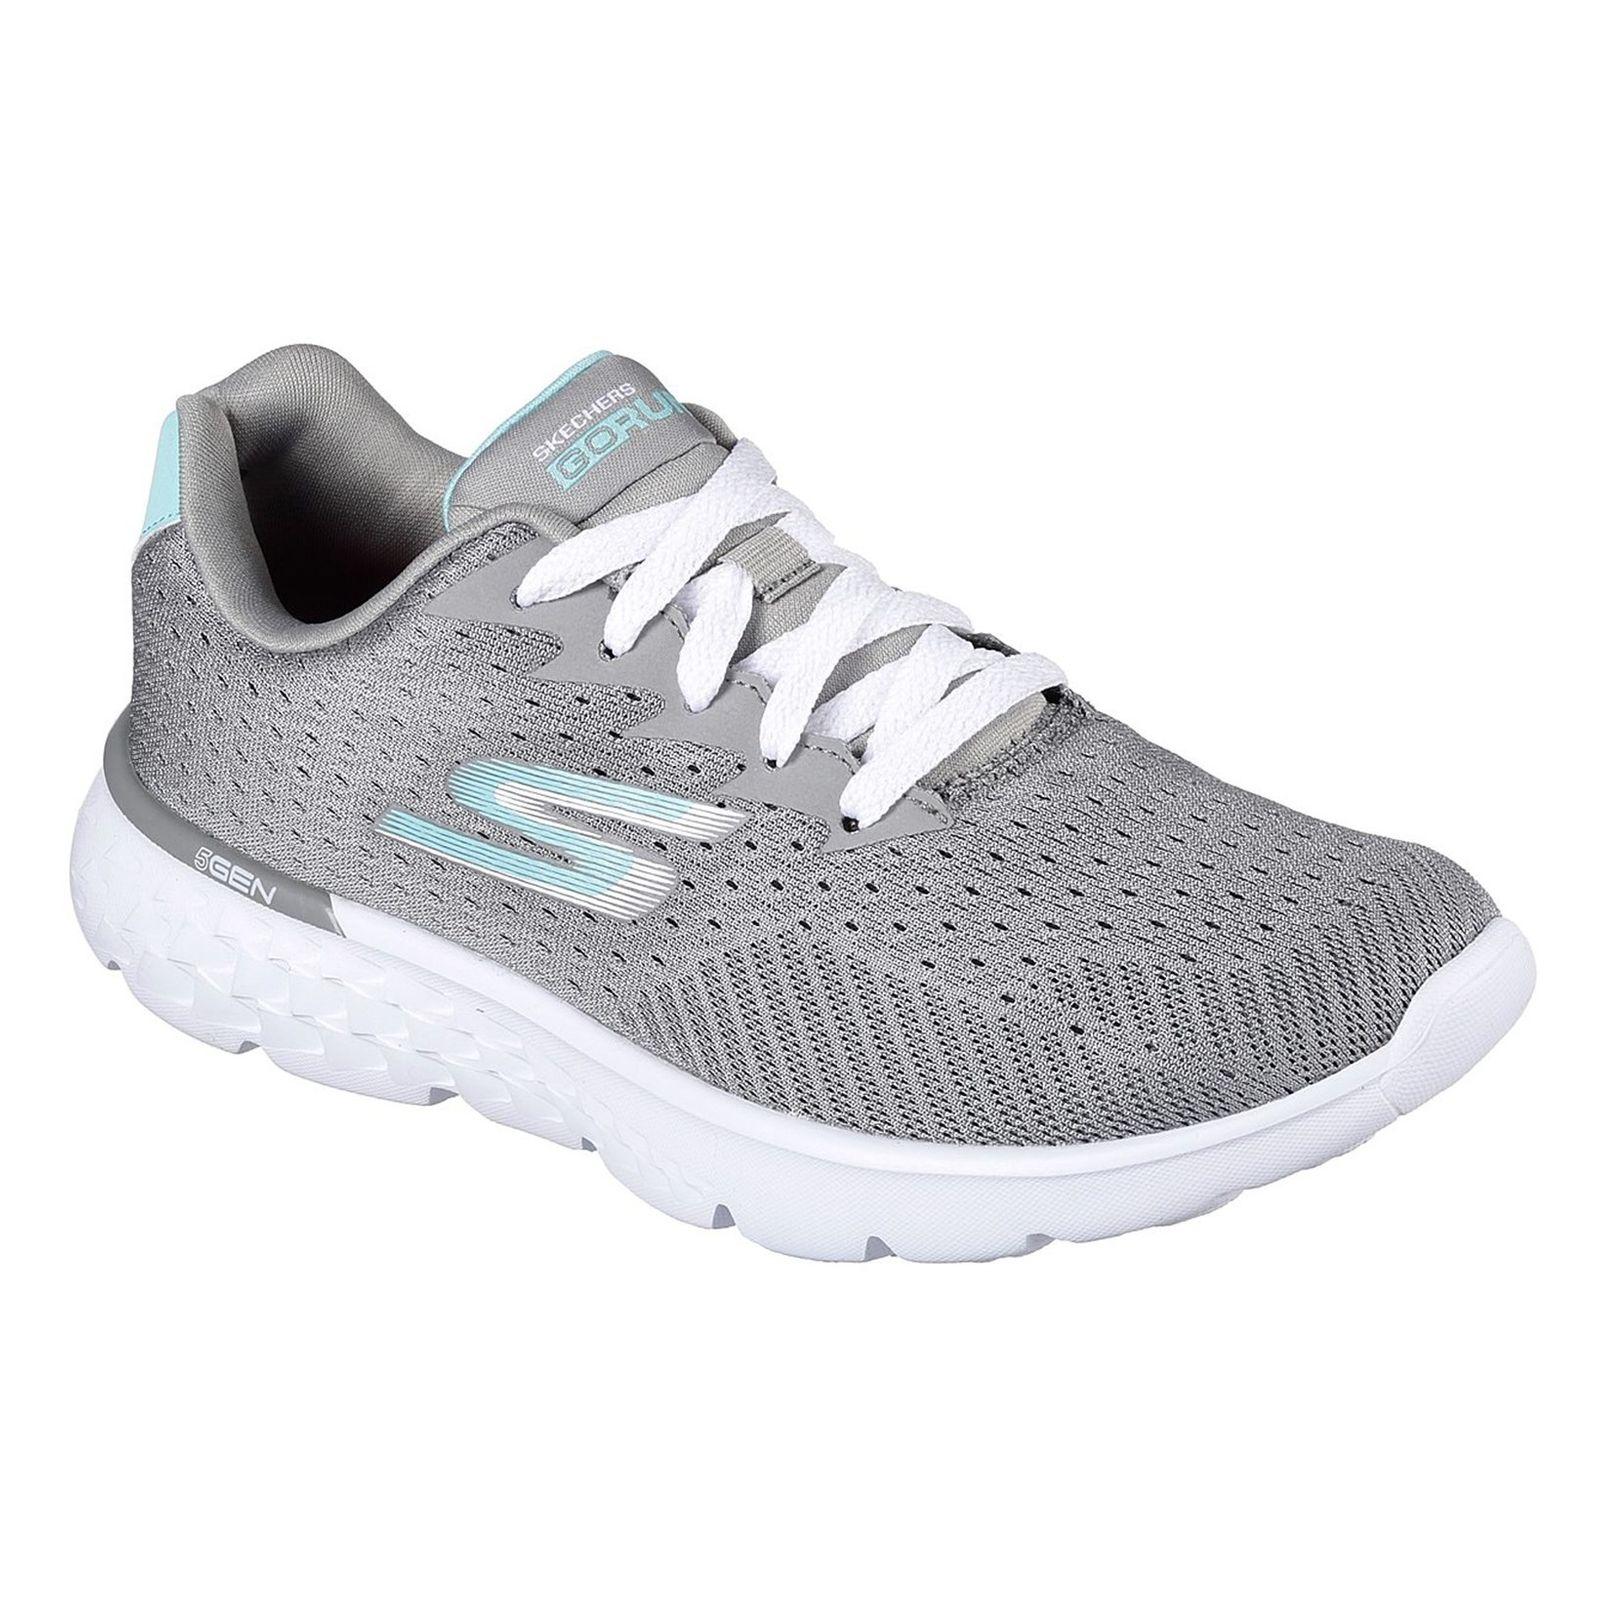 کفش دویدن بندی زنانه GoRun 400 Sole - اسکچرز - طوسي - 5